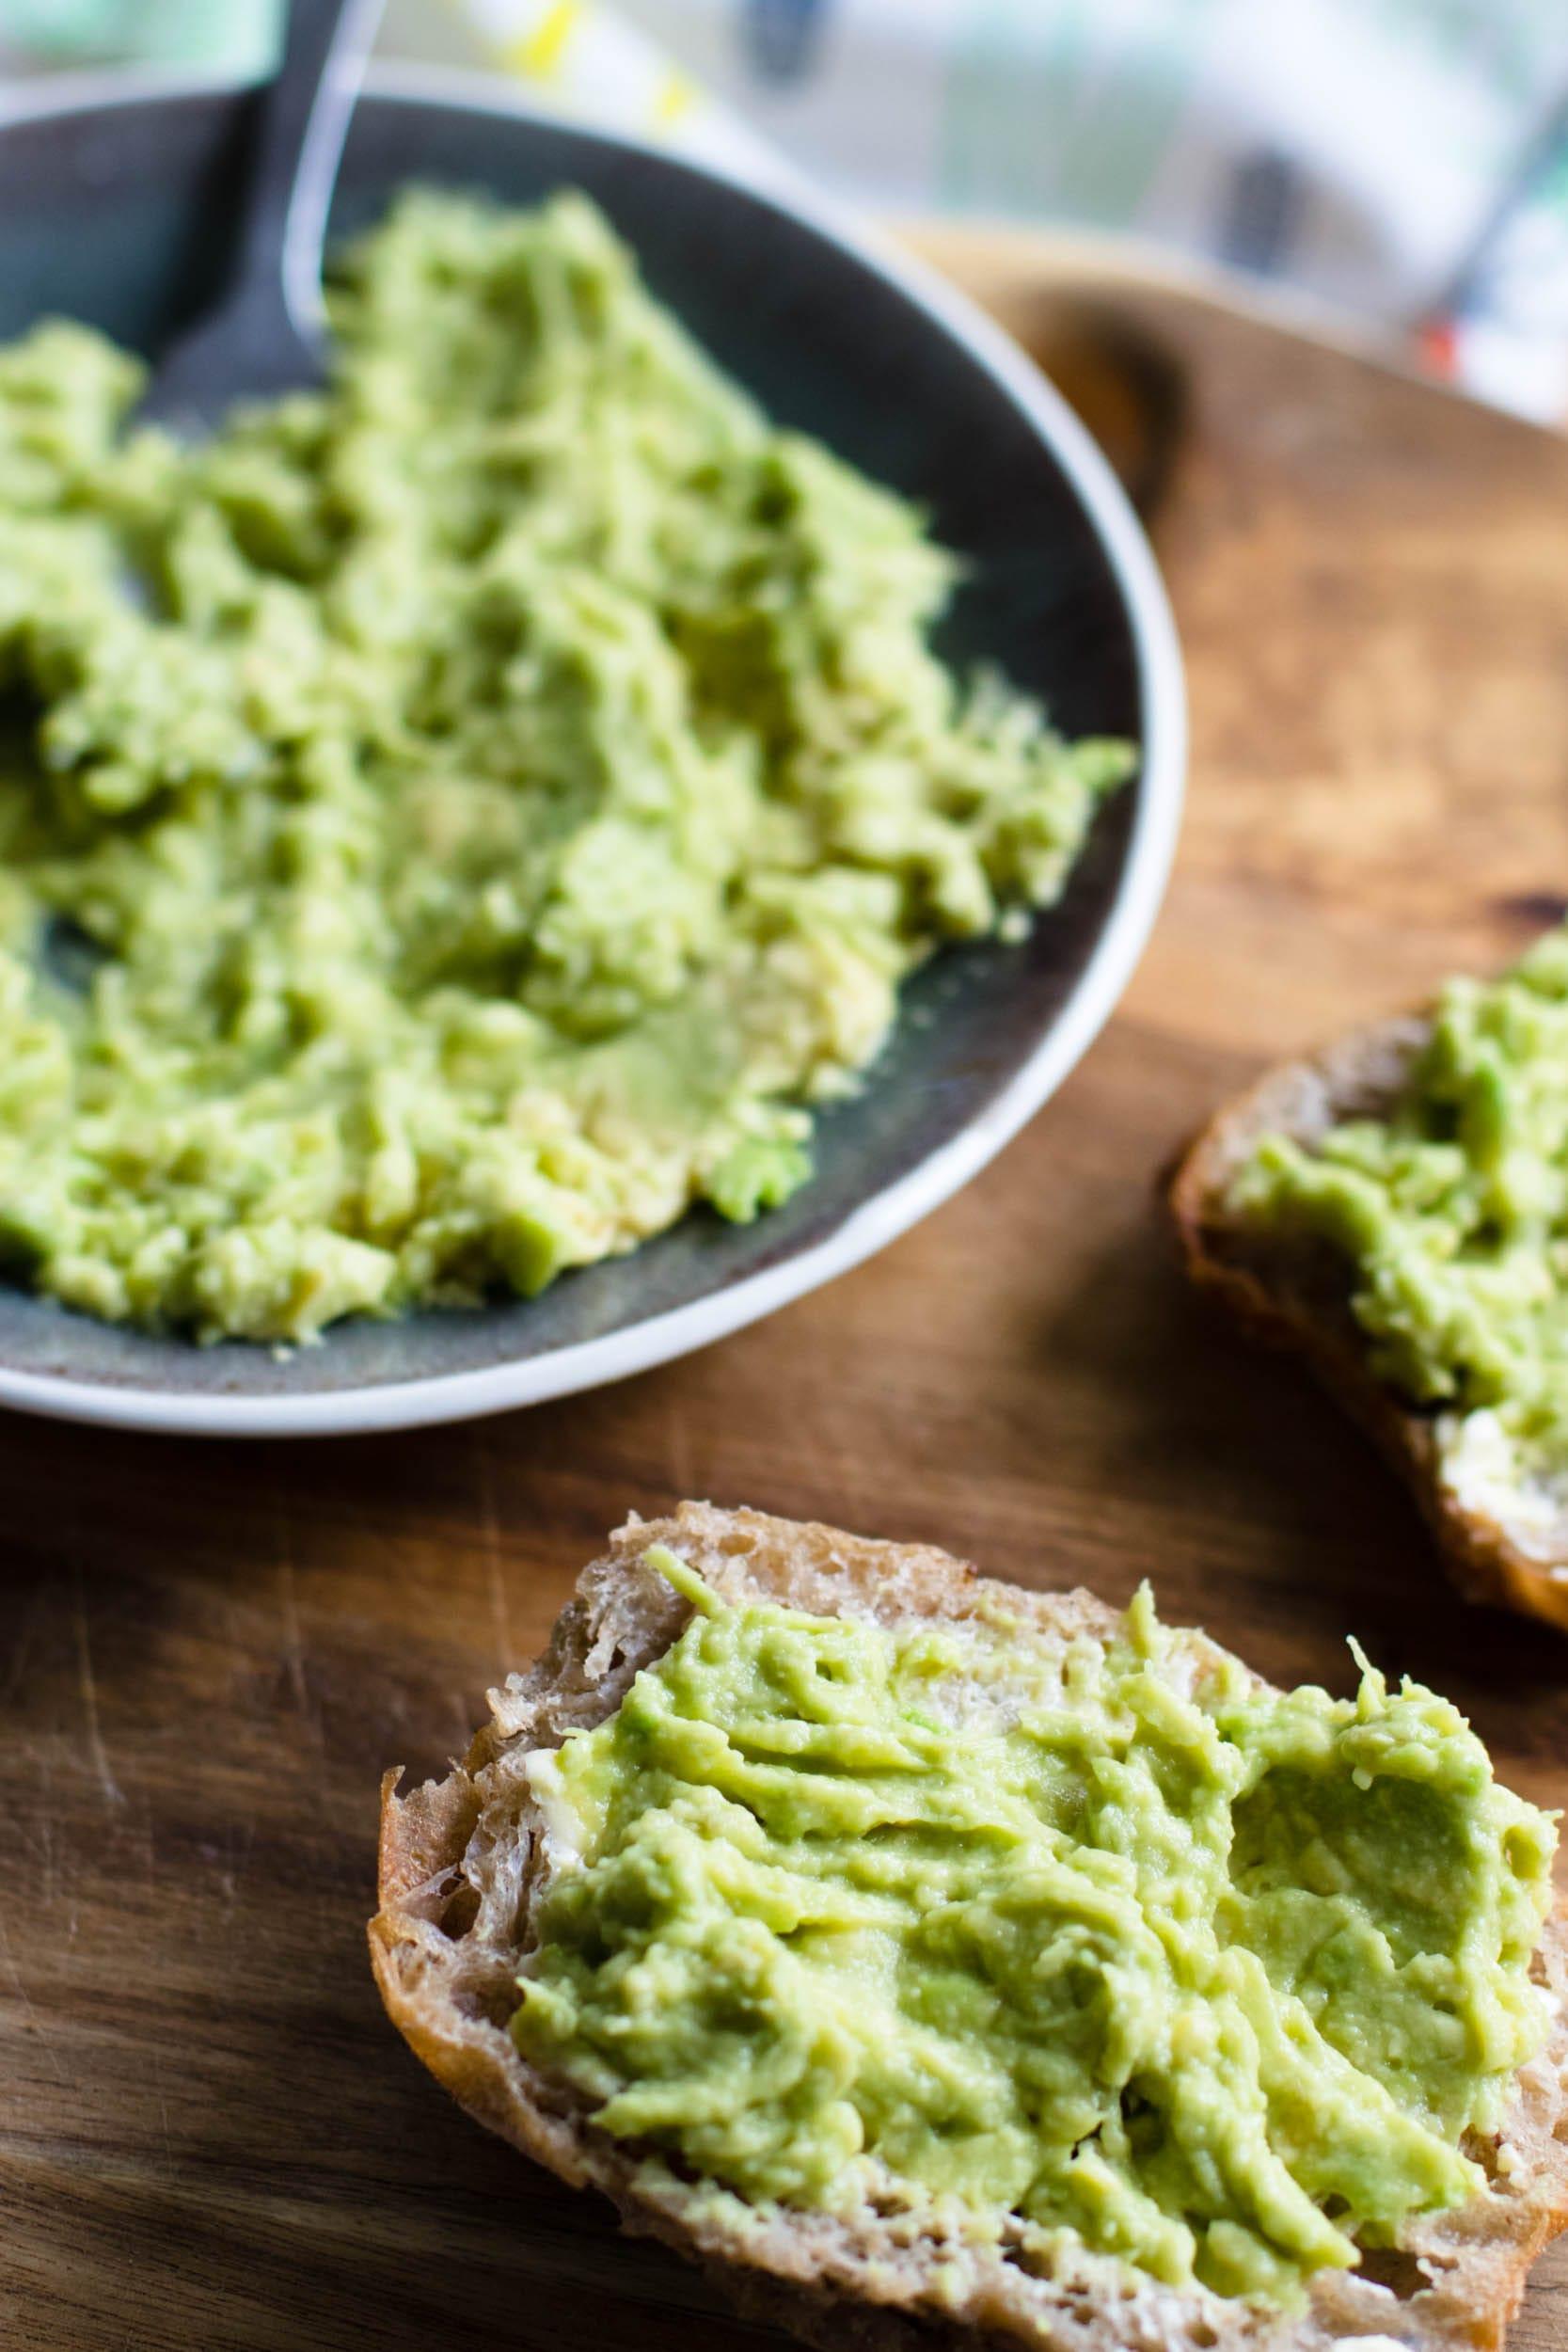 Sonntags-Guacamole | Brotaufstrich | Rezept | Avocadocreme | Schabzigerklee statt Koriander | Rezept auf ivy.li #rezept #acocado #guacamole #gesund